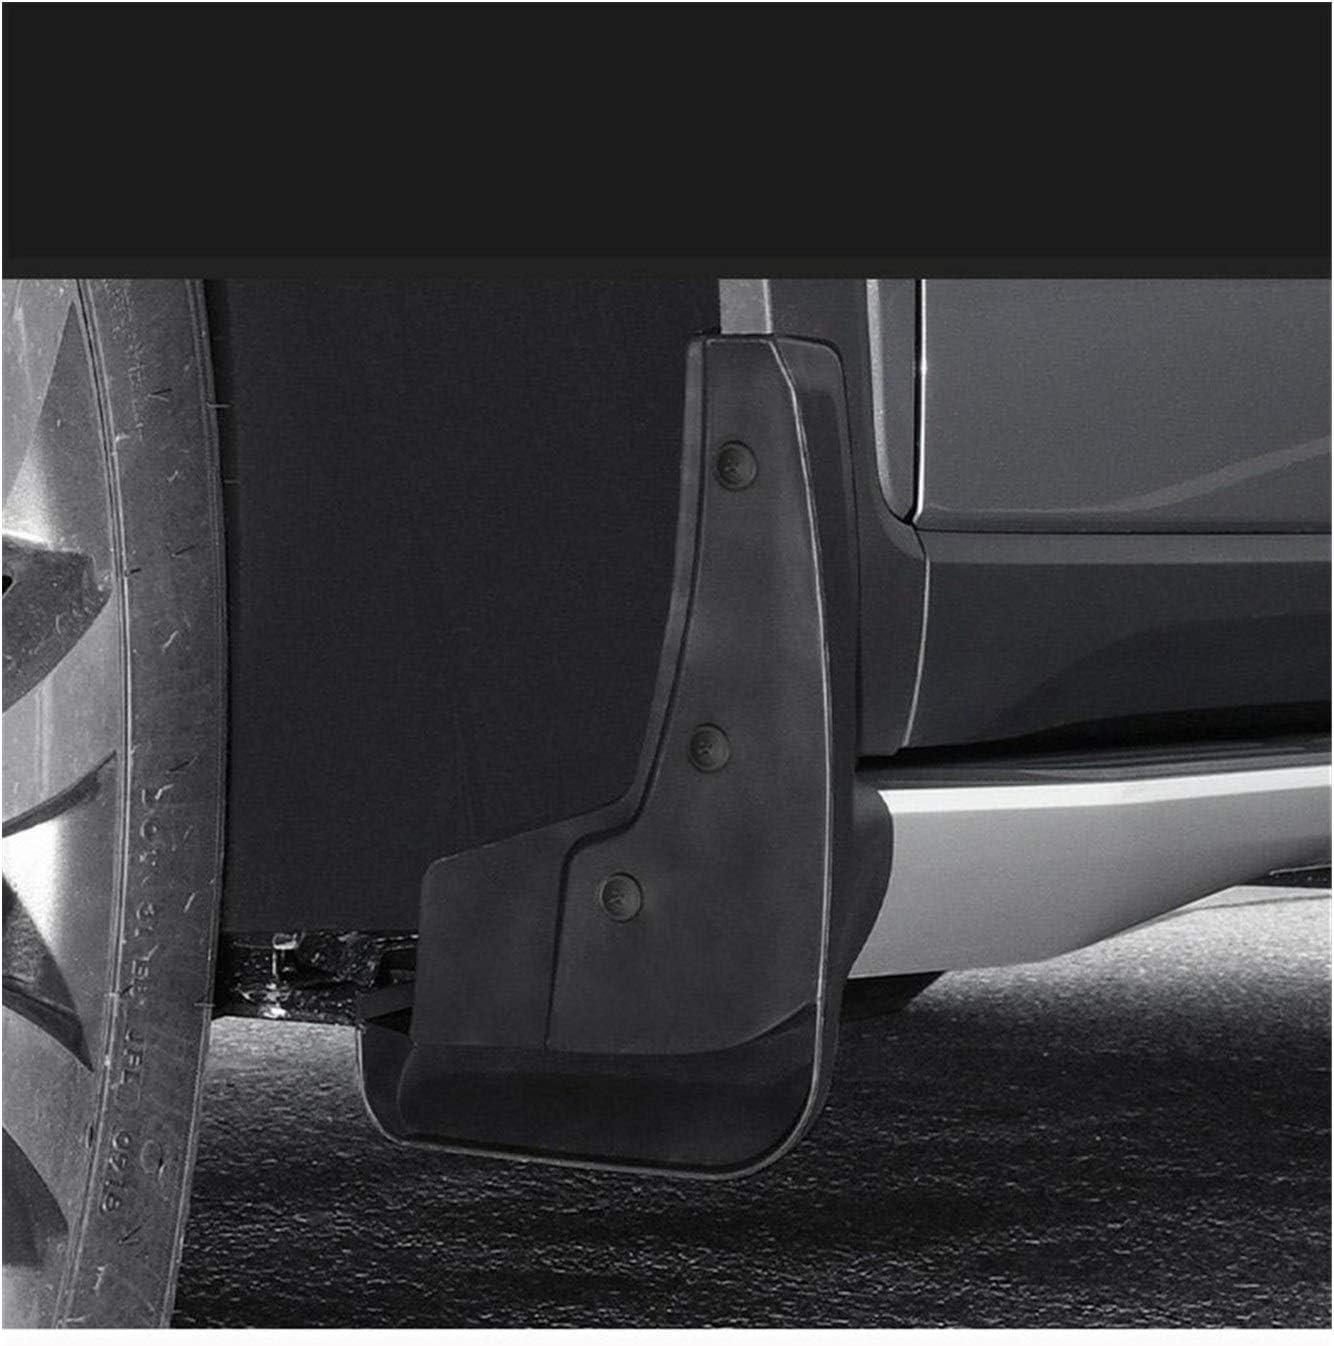 MZSC Guardabarros for BMW I3 el/éctricos Guardabarros Guardabarros BMW i3 Solapa de Barro Protecci/ón contra Salpicaduras Guardabarros Delantero Trasero de 4 Piezas